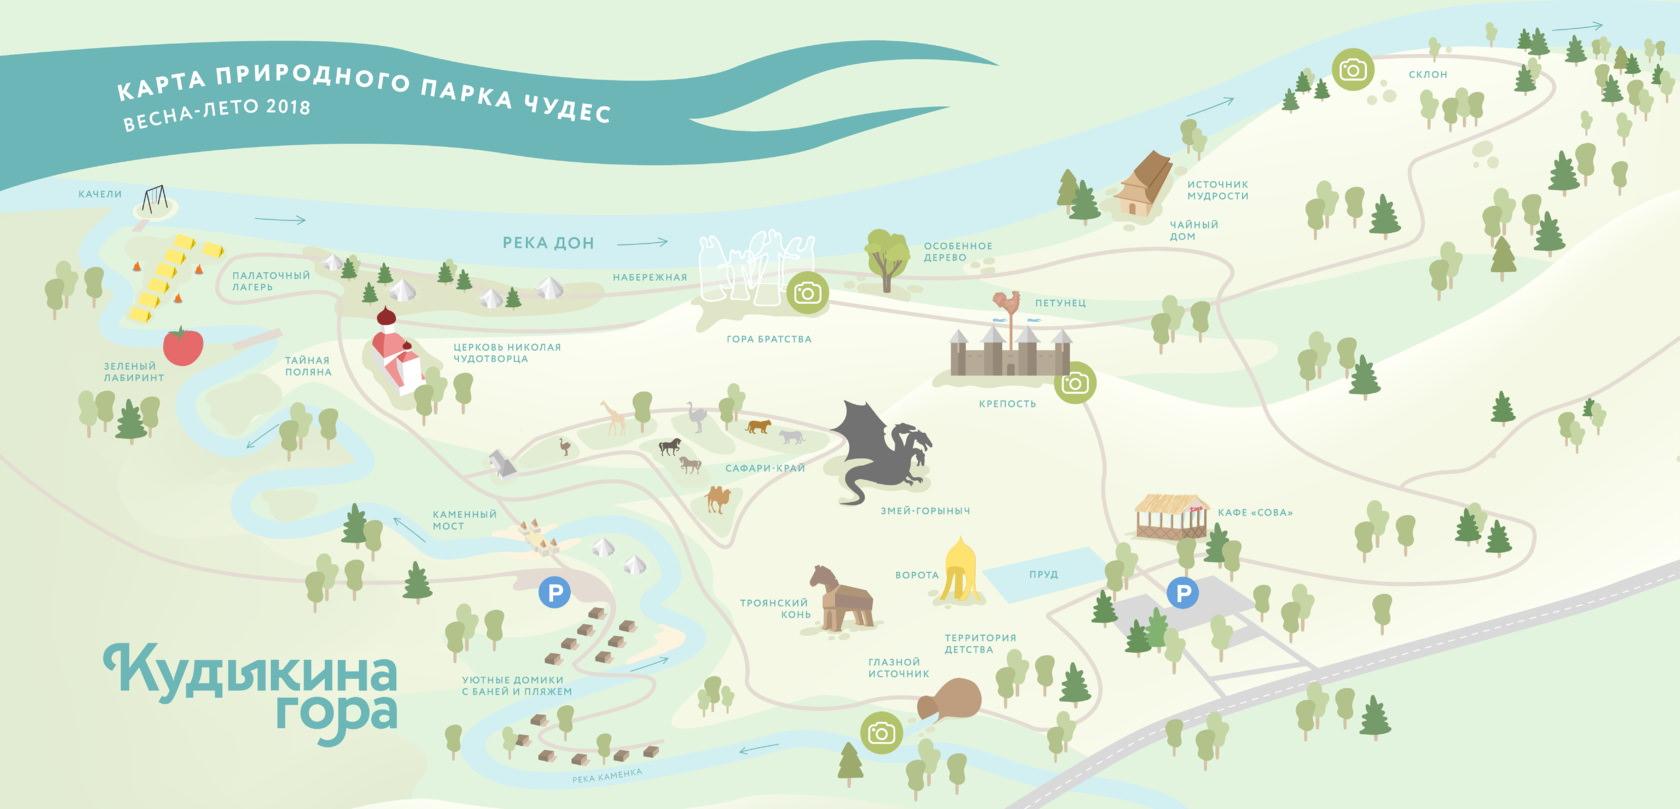 Карта Кудыкиной горы